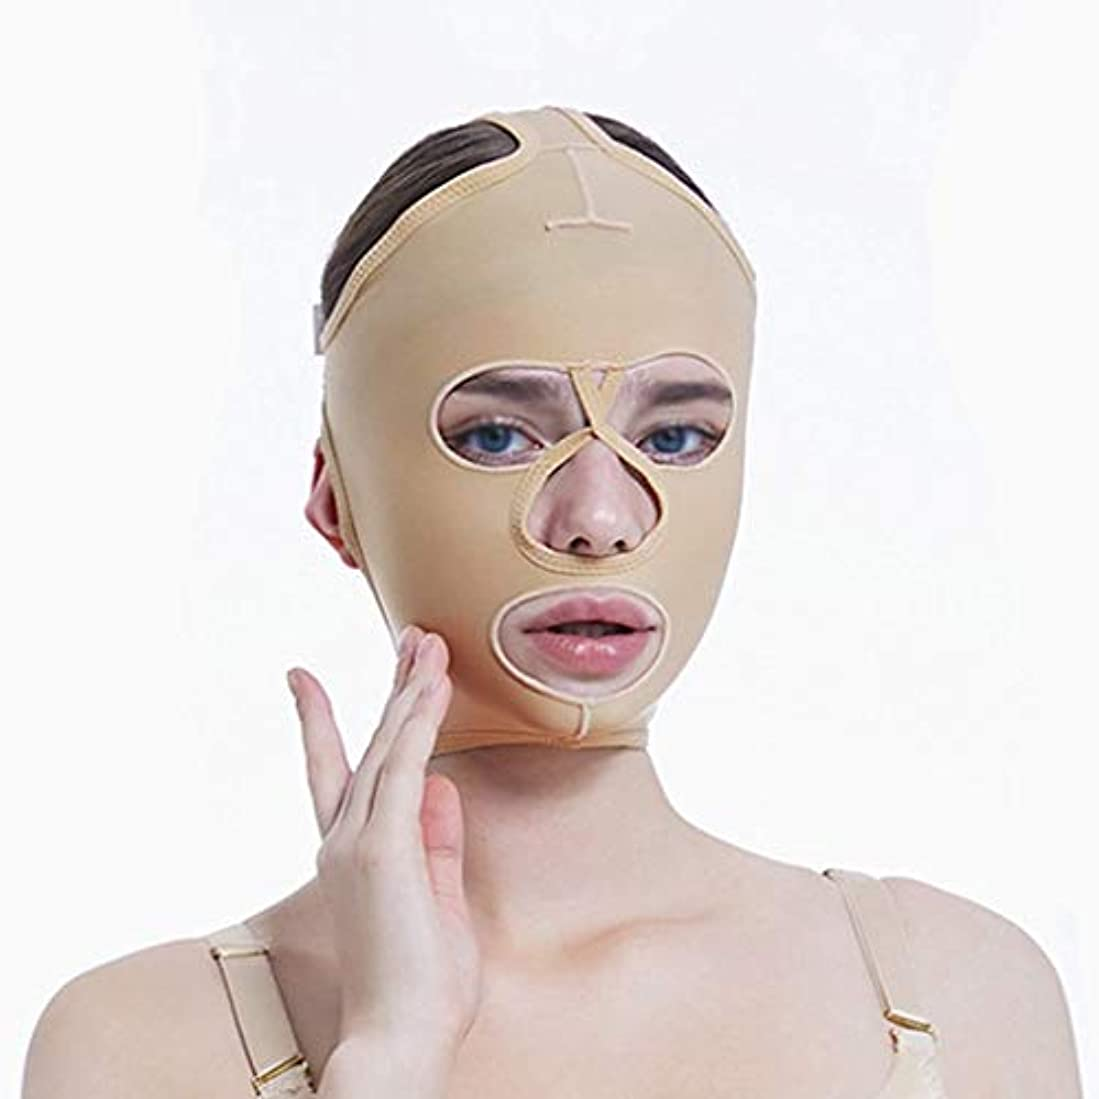 チンリフティングベルト、超薄型ベルト、引き締めマスク、包帯吊り、フェイスリフティングマスク、超薄型ベルト、通気性(サイズ:L),M